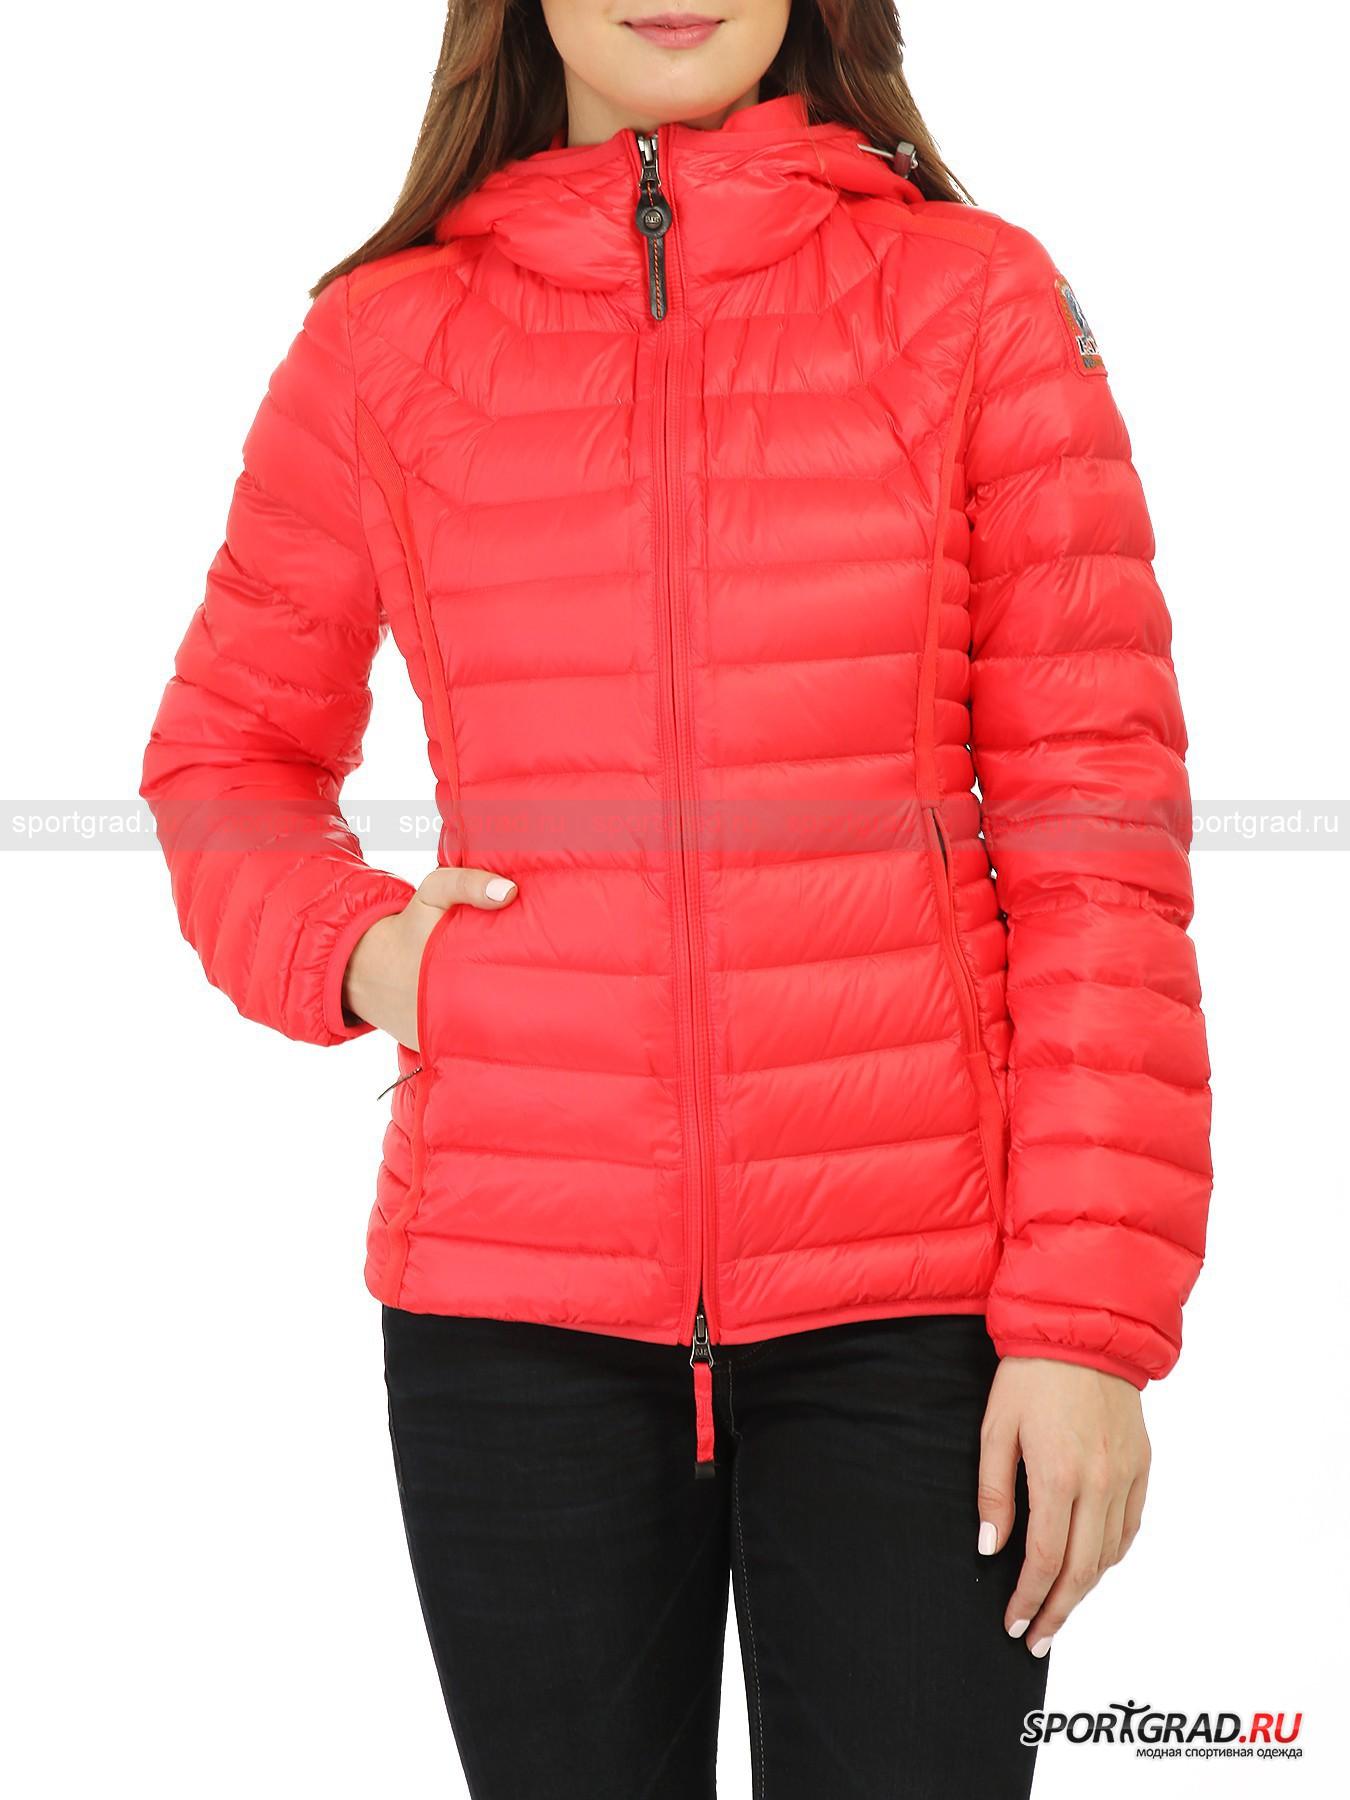 Куртка жен. Juliet  PARAJUMPERSКуртки<br><br><br>Пол: Женский<br>Возраст: Взрослый<br>Тип: Куртки